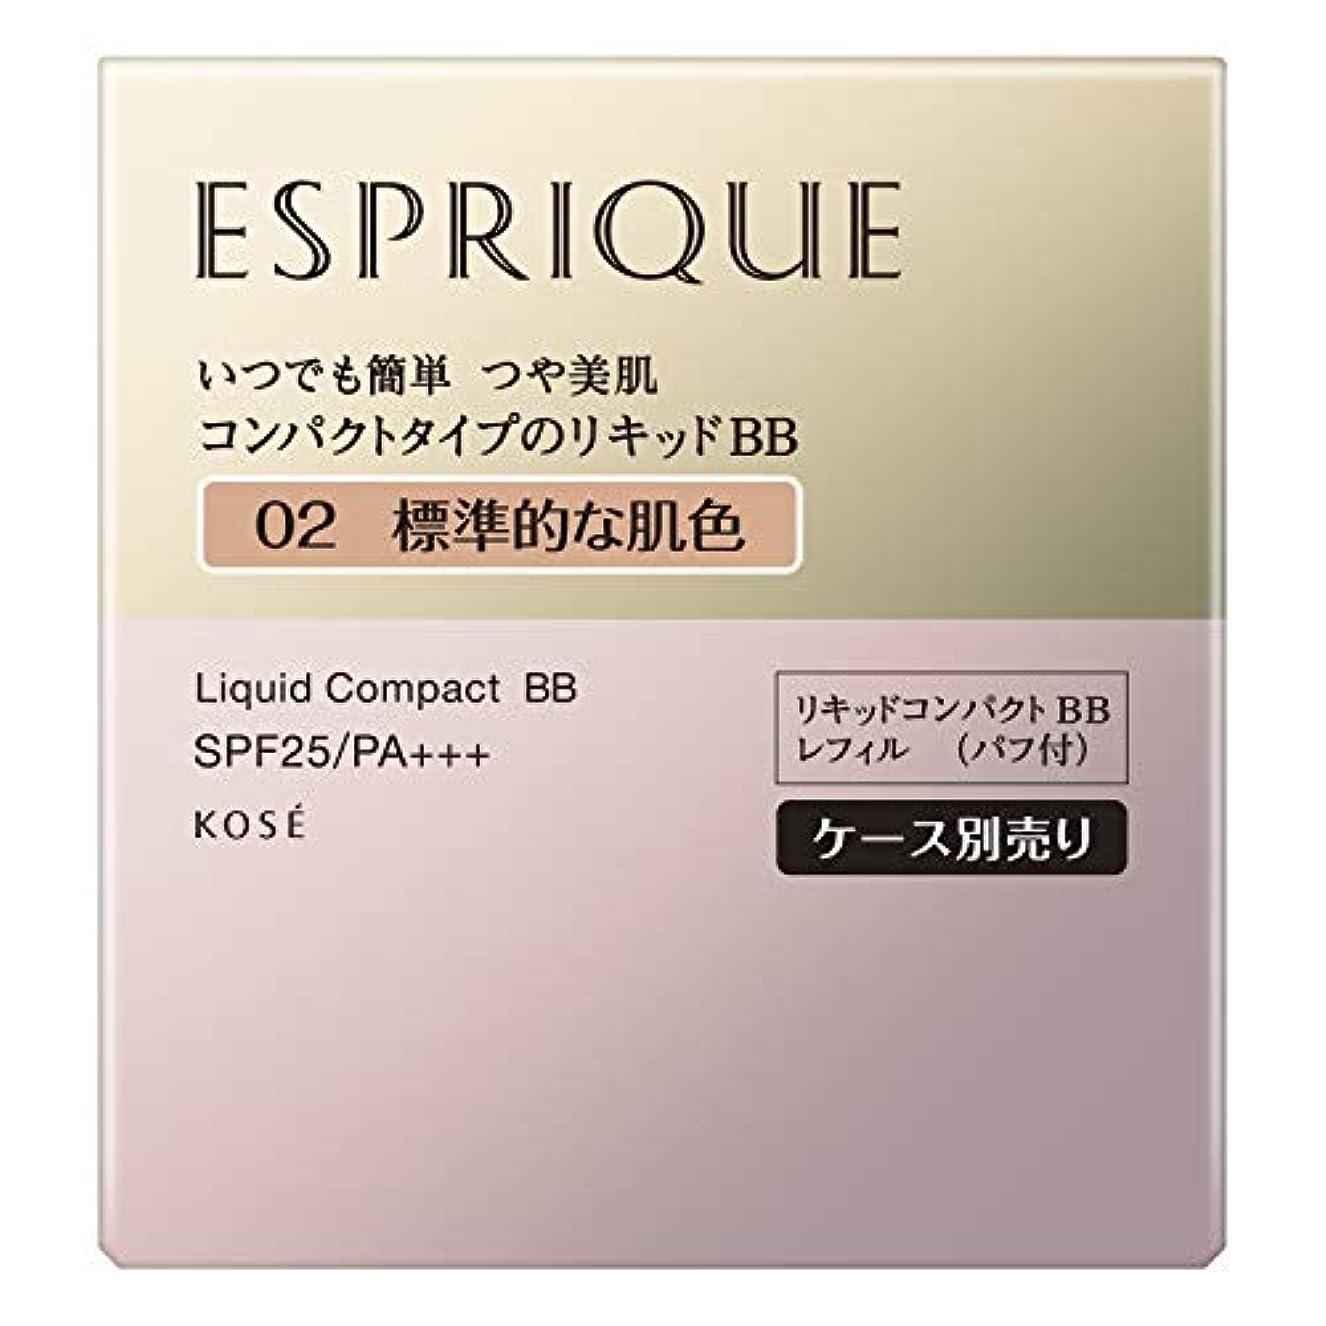 腹ましい結核エスプリーク リキッド コンパクト BB 02 標準的な肌色 13g